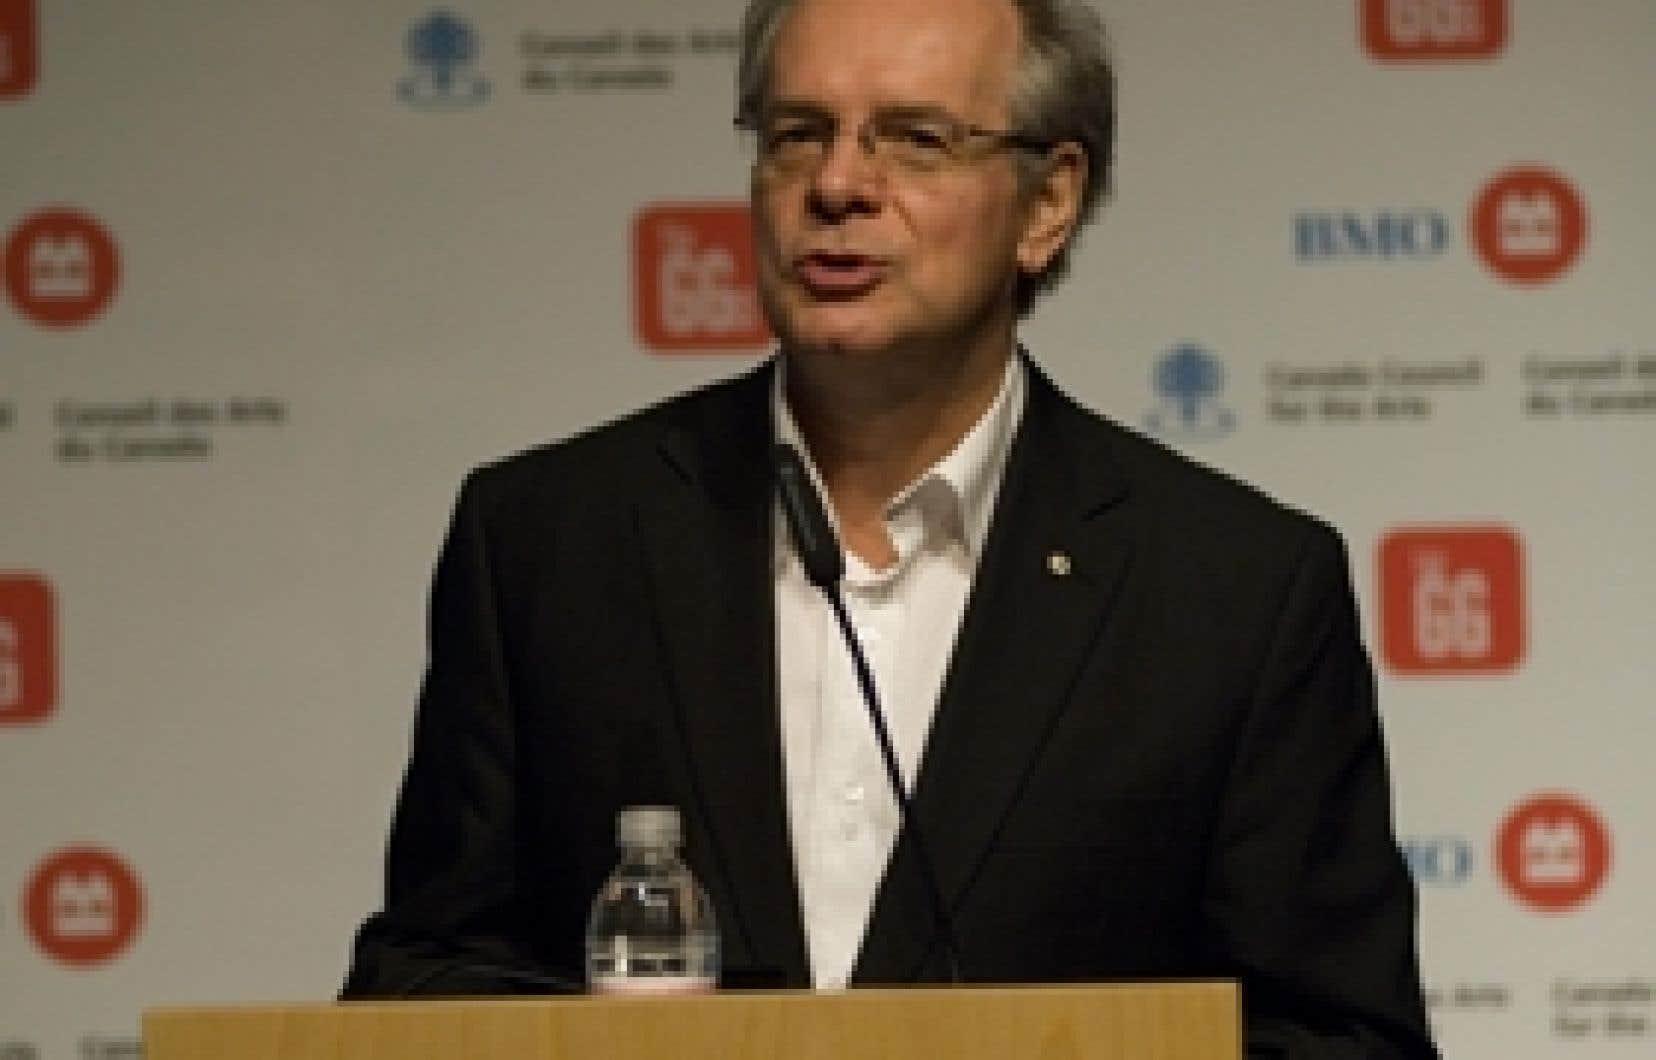 Simon Brault, président de Culture Montréal, s'adressant aux participants durant le Rendez-vous novembre 2007 — Montréal culturelle, qui réunissait non seulement des gens du milieu artistique, mais aussi des représentants d'entreprises ou de f